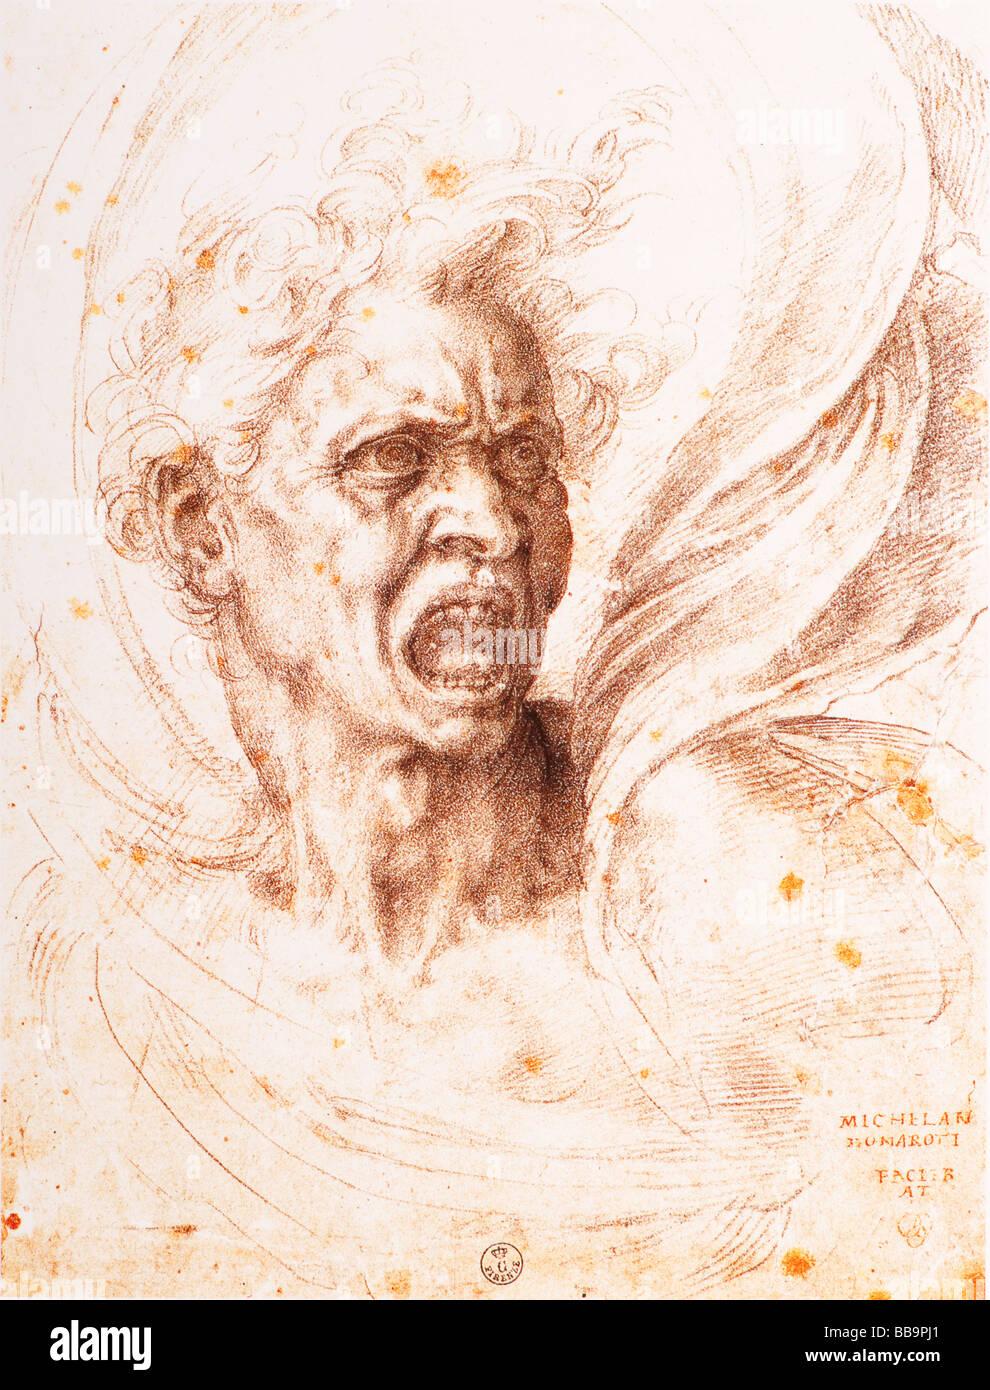 Die verdammten Seele durch Michelangelo 1525 schwarze Tinte Stockbild